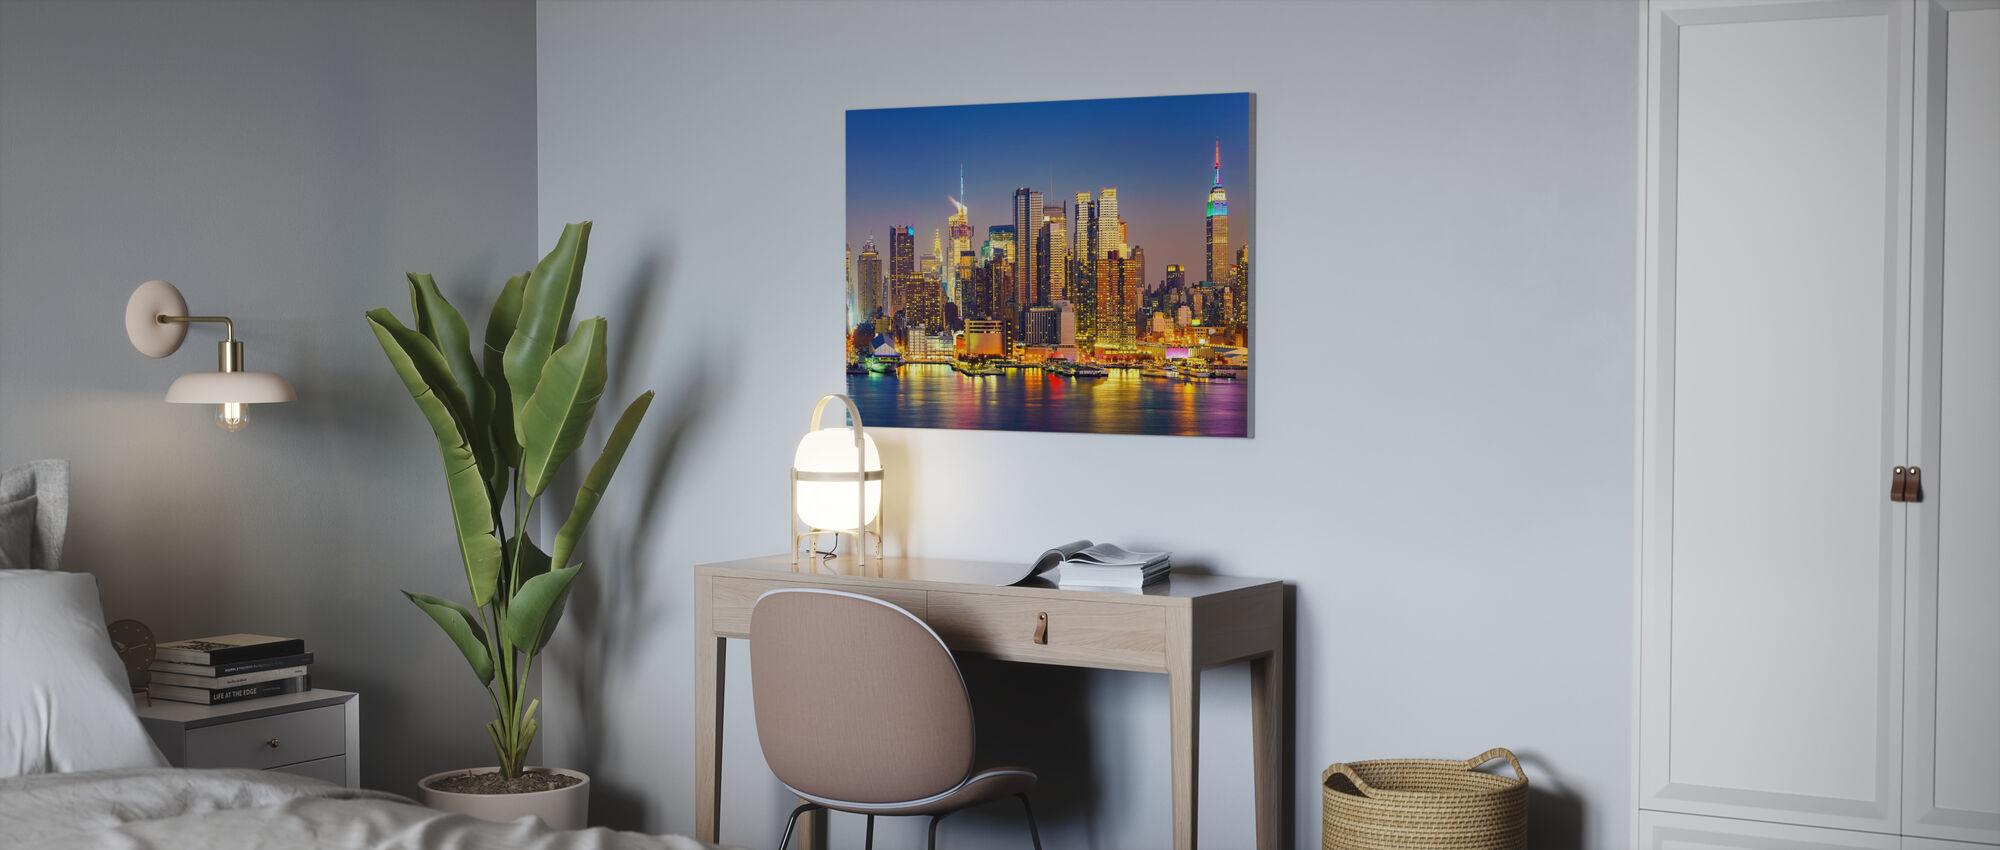 Manhattan Sunset - Canvastaulu - Toimisto